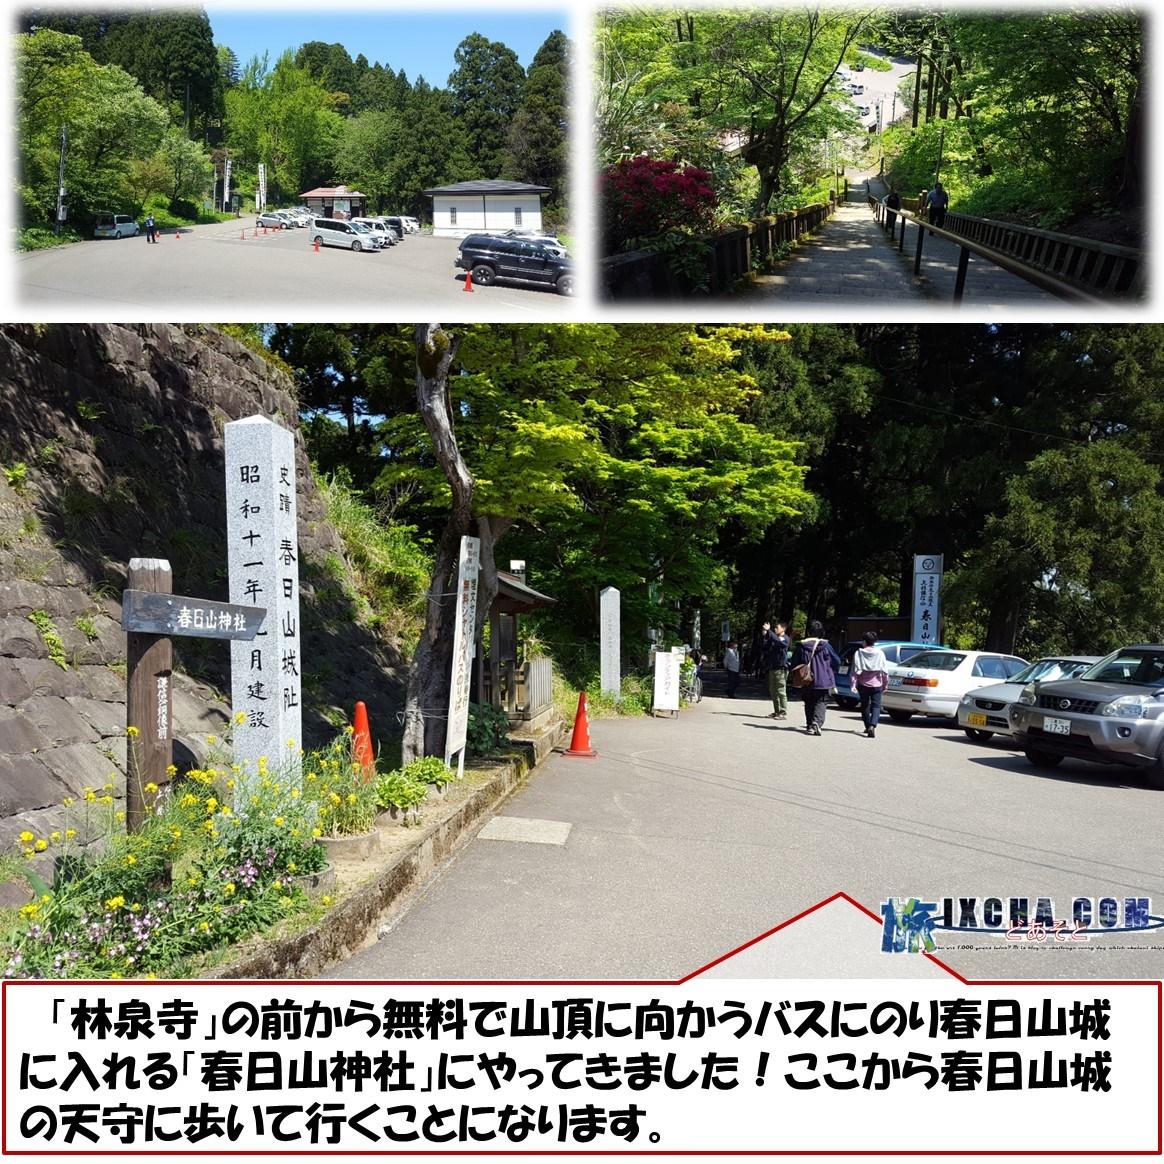 「林泉寺」の前から無料で山頂に向かうバスにのり春日山城に入れる「春日山神社」にやってきました!ここから春日山城の天守に歩いて行くことになります。